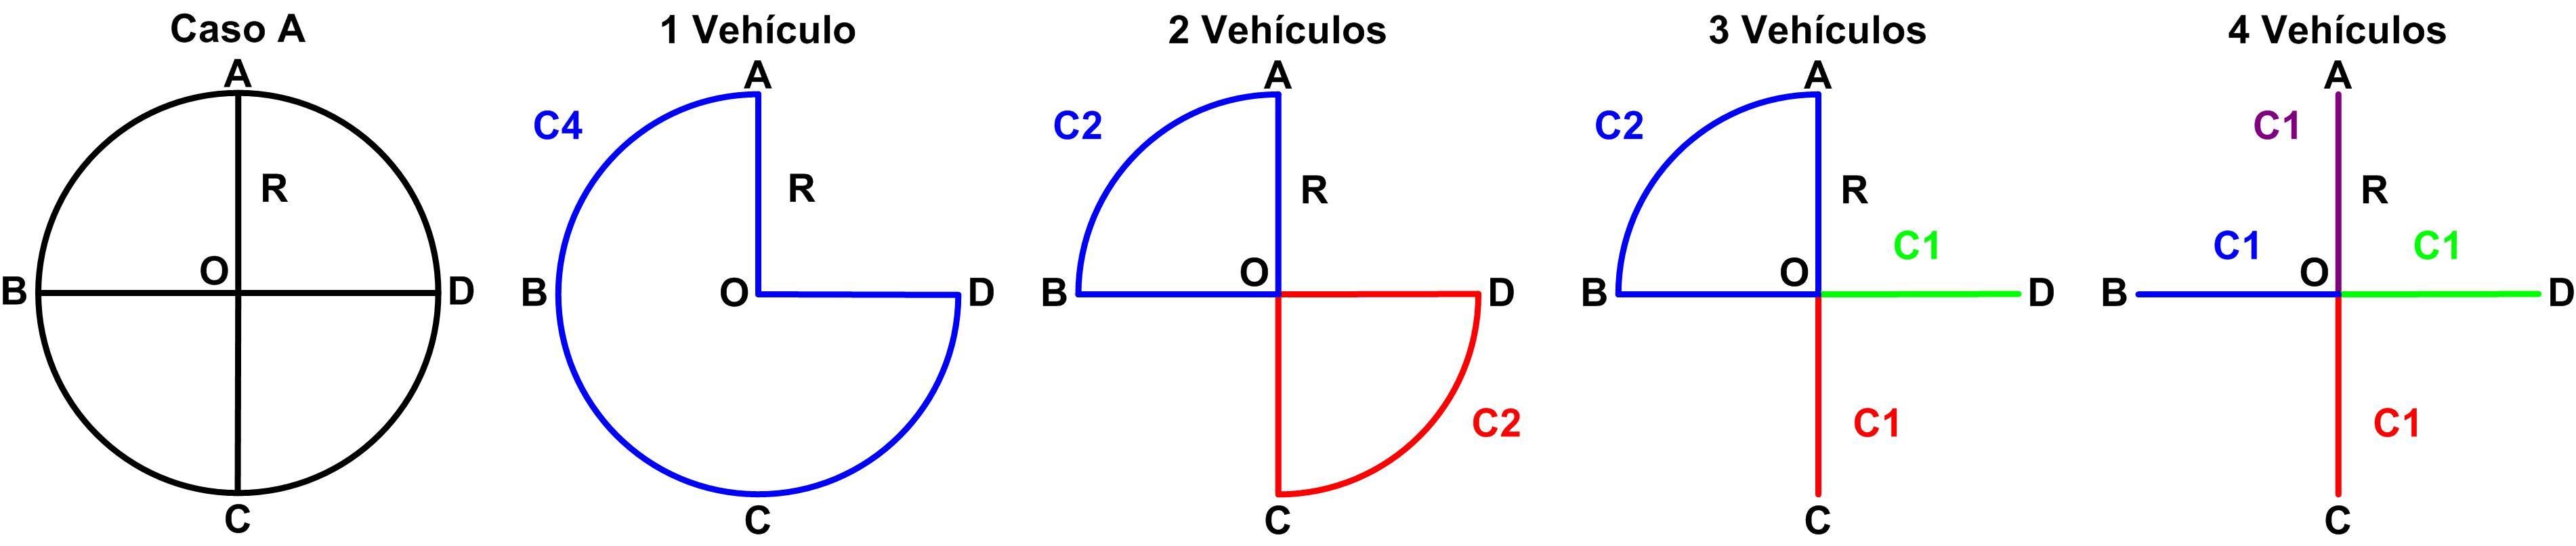 Gráfico 2 relación entre las rutas y el número de vehículos para el caso A 09092015 caso A